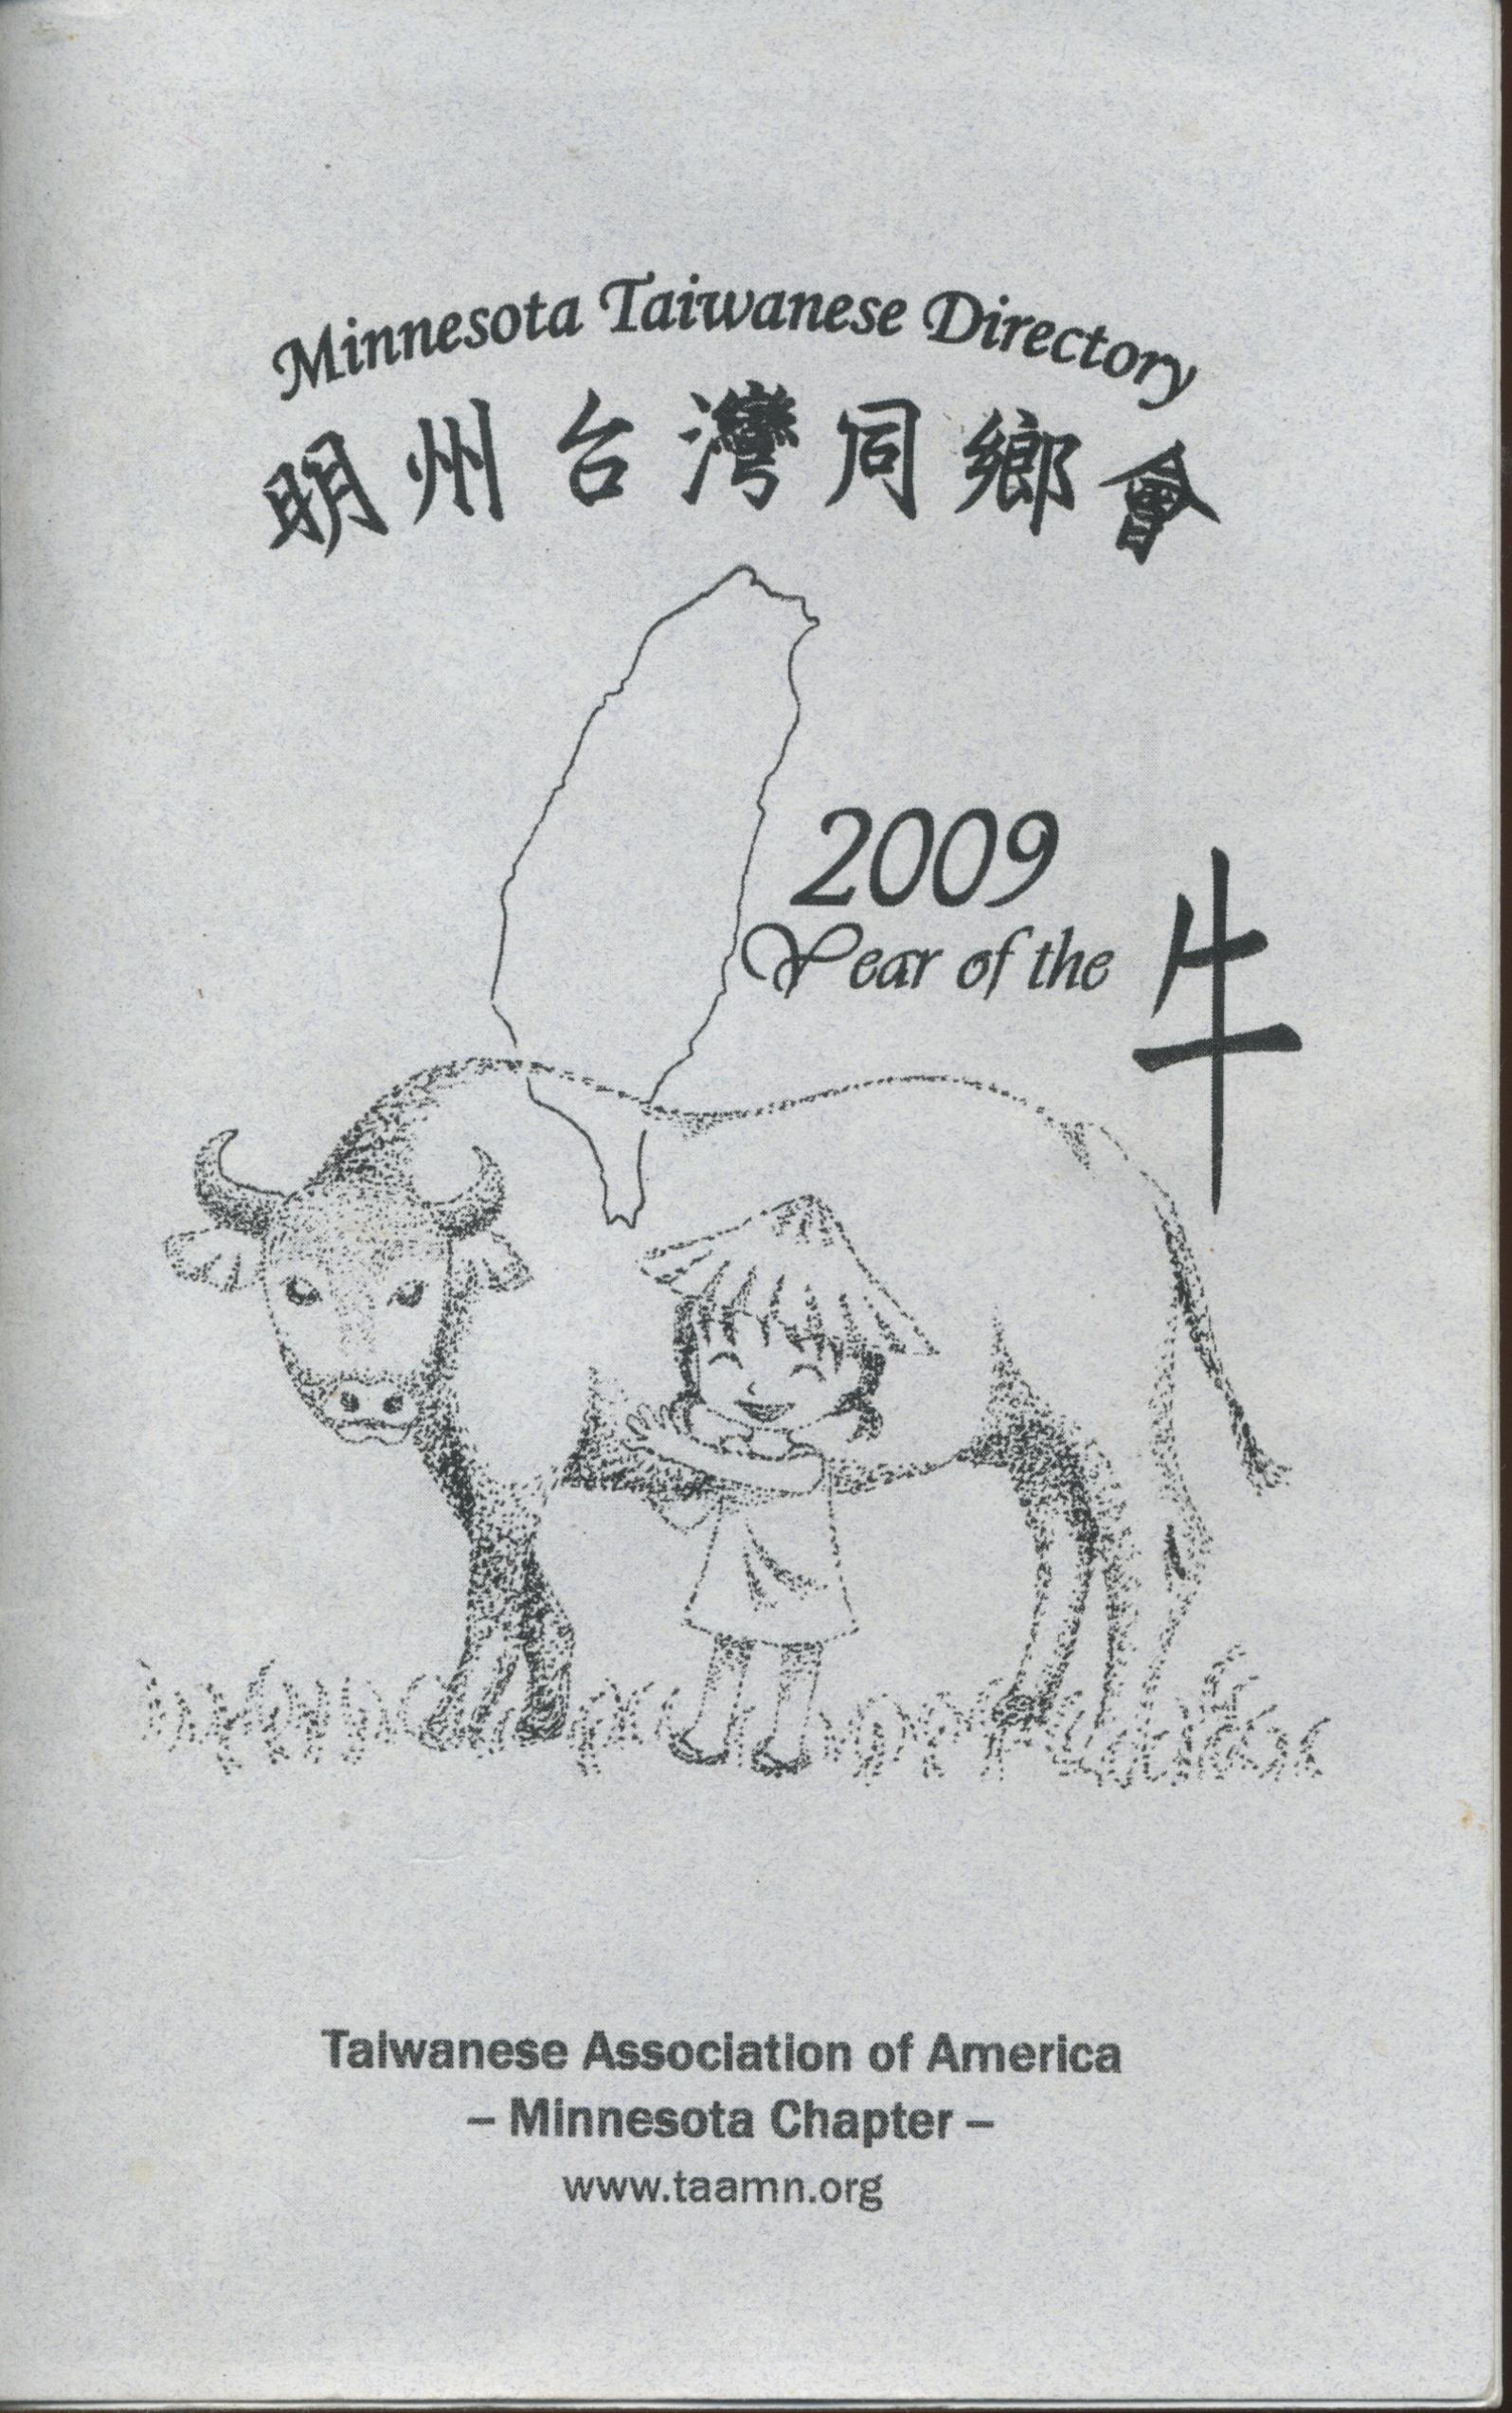 Newsletter of TAAMN 明州台灣同鄉會